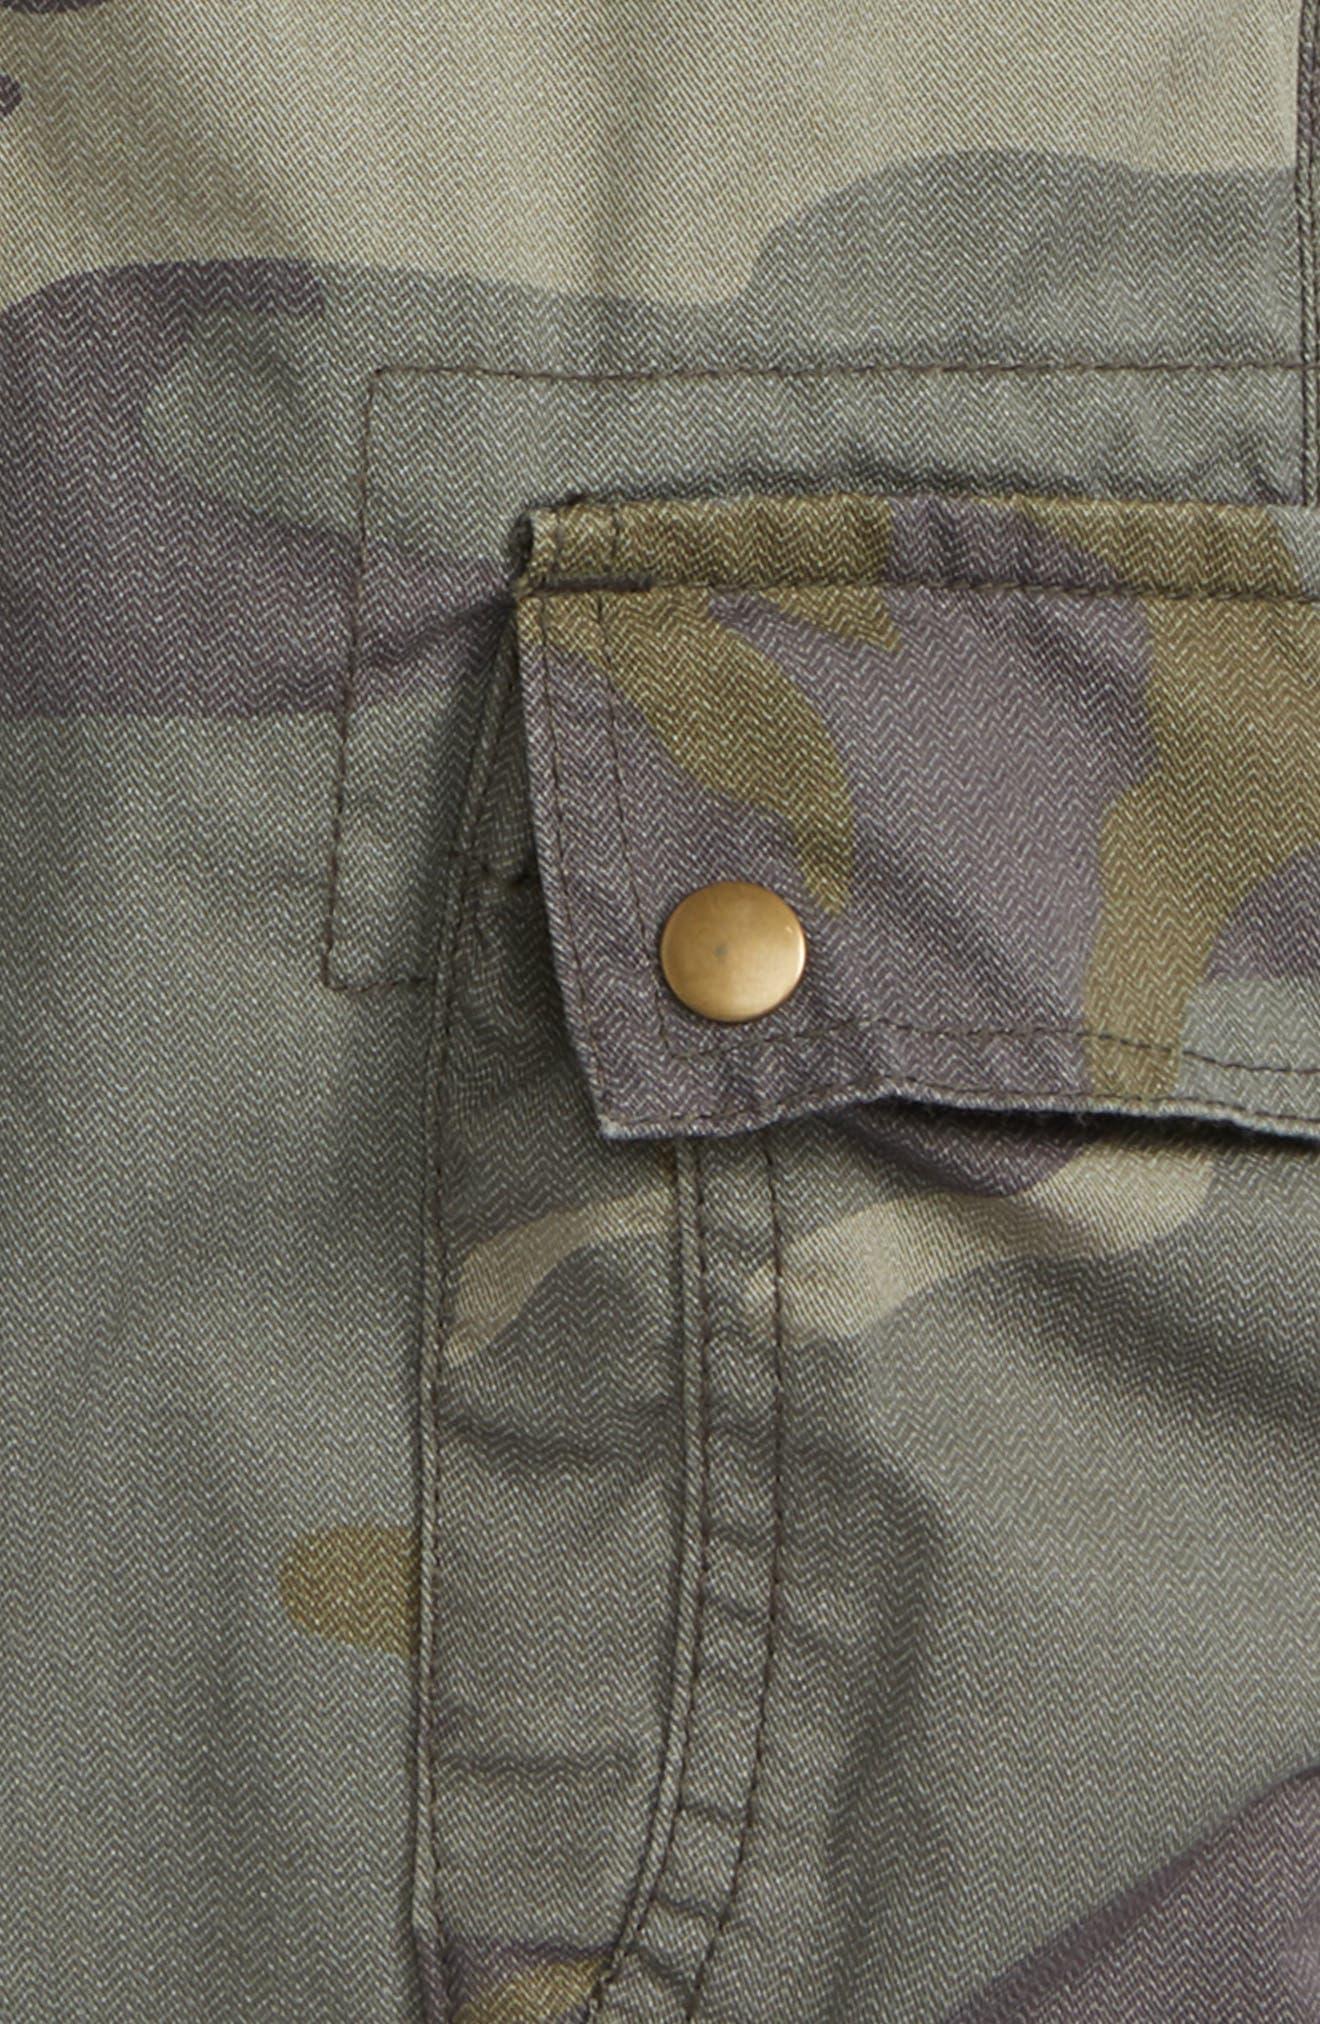 Camo Cargo Shorts,                             Alternate thumbnail 3, color,